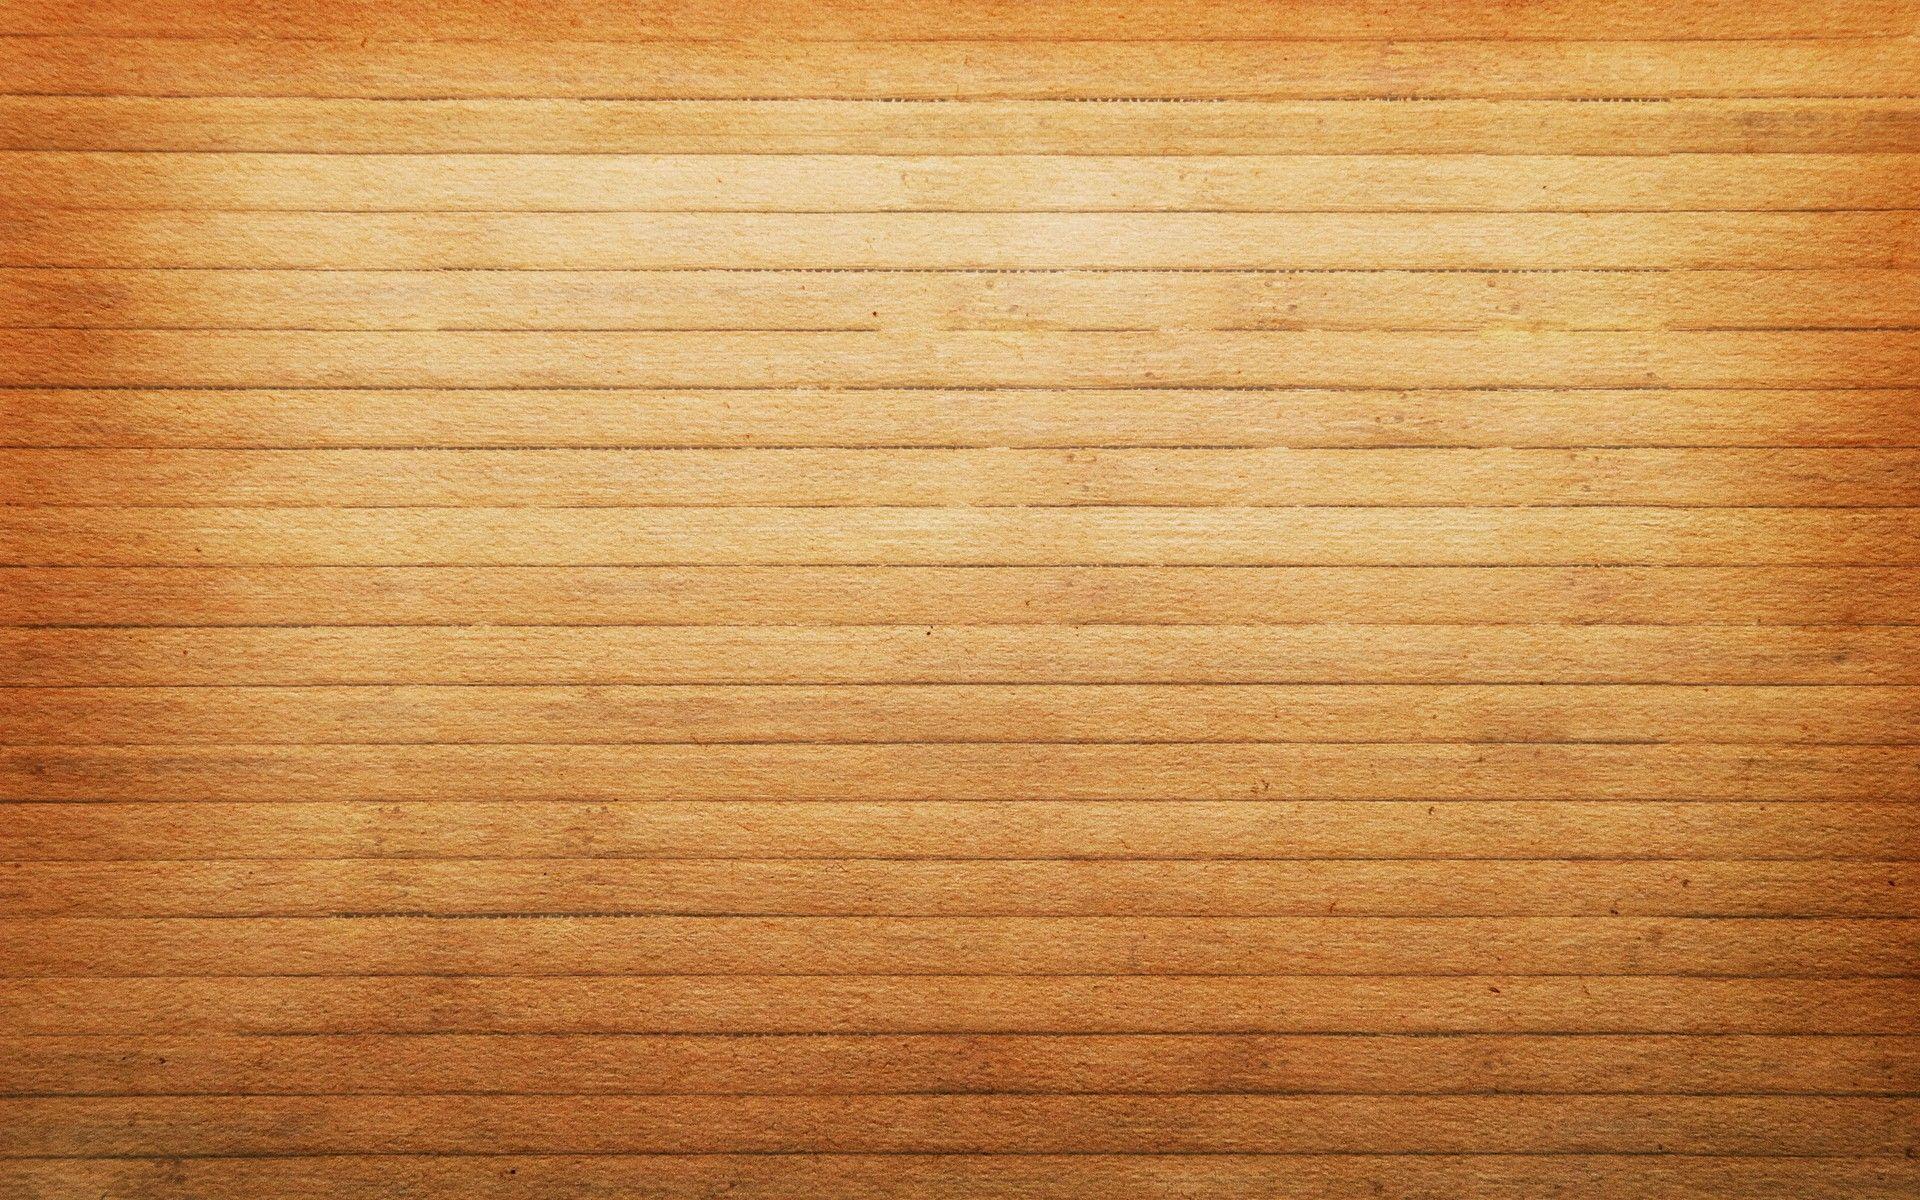 Resultado-de-imagem-para-wood-background-hd-wallpaper-wpc9008870